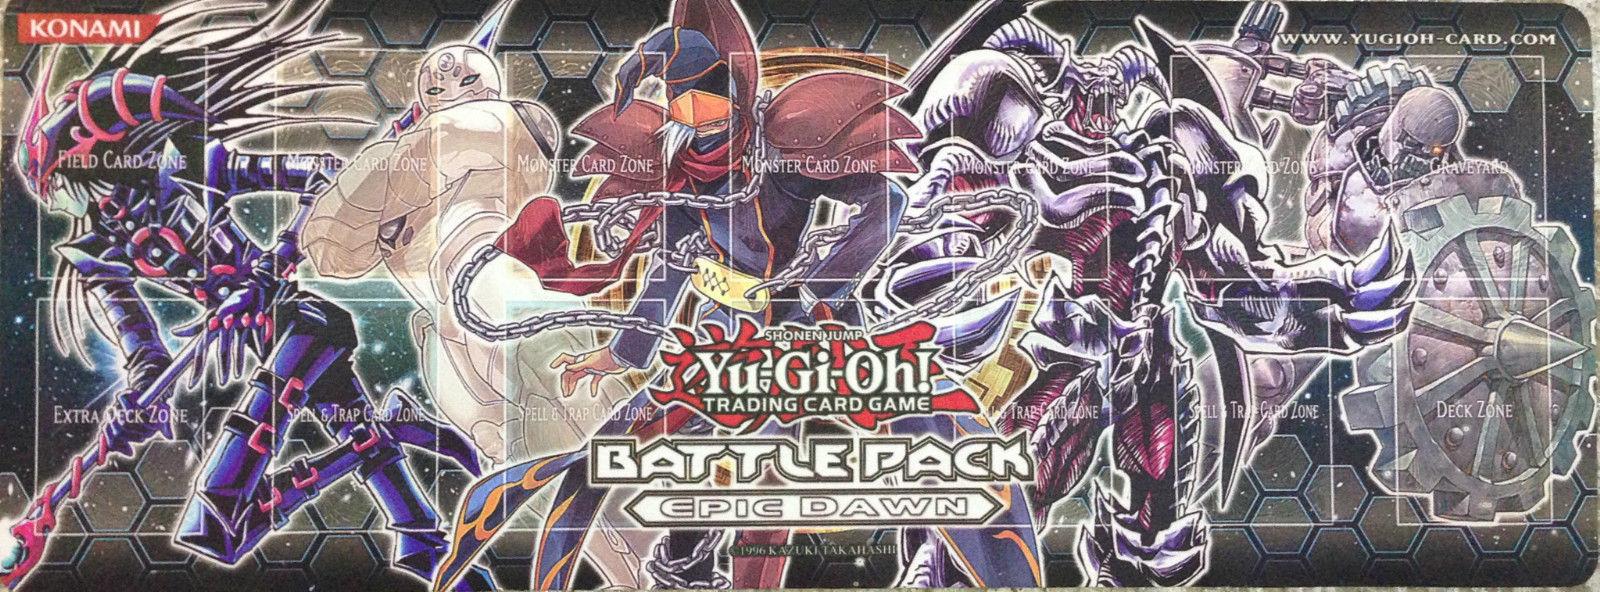 YUGIOH BATTLE PACK EPIC DAWN PLAYMAT MOUSE PAD